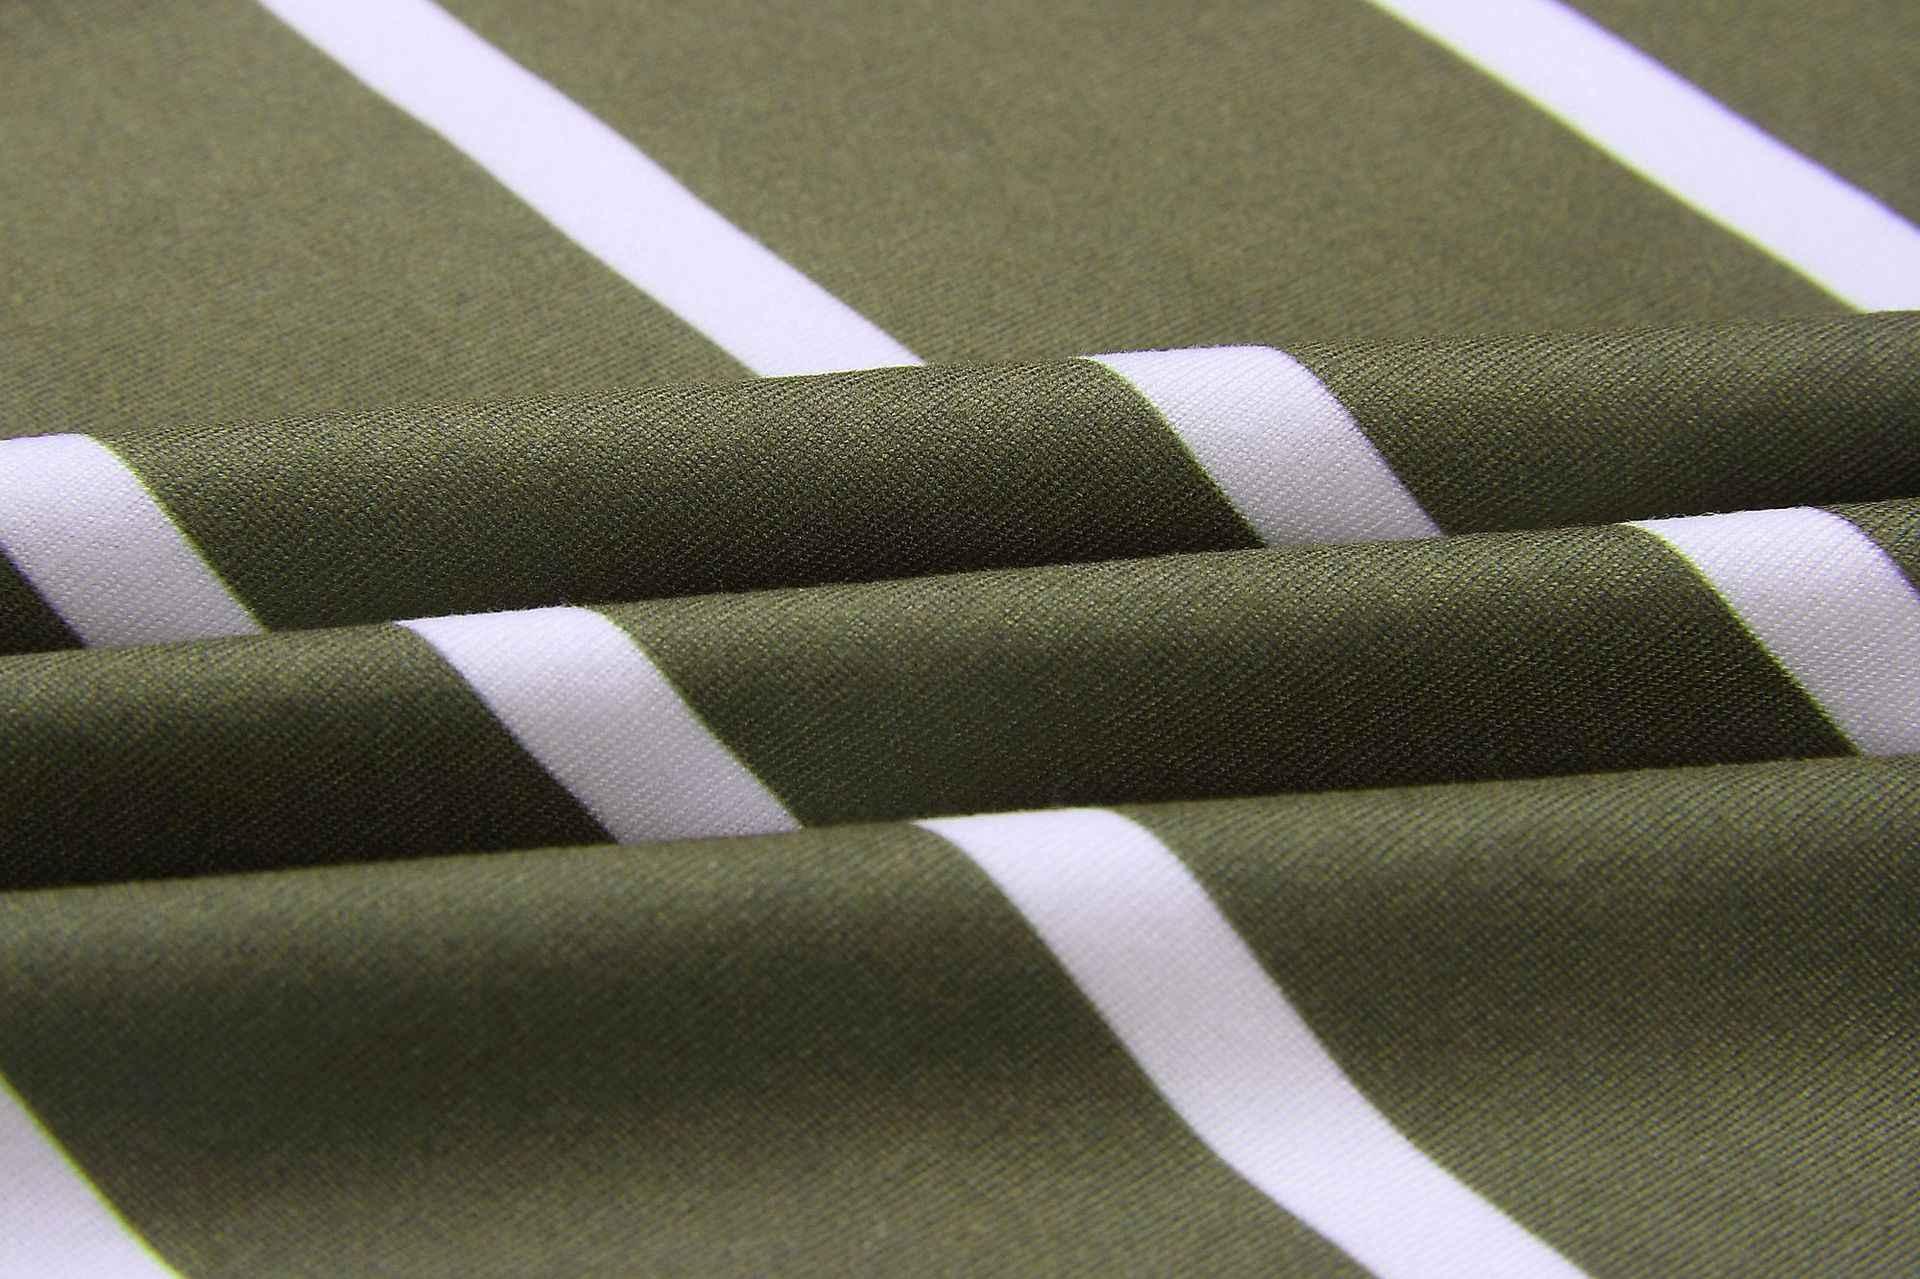 Wontive 2019 пикантные зеленые полоски боди Для женщин с поясом Женское боди комбинезон костюм пляжного типа печати комбинезон